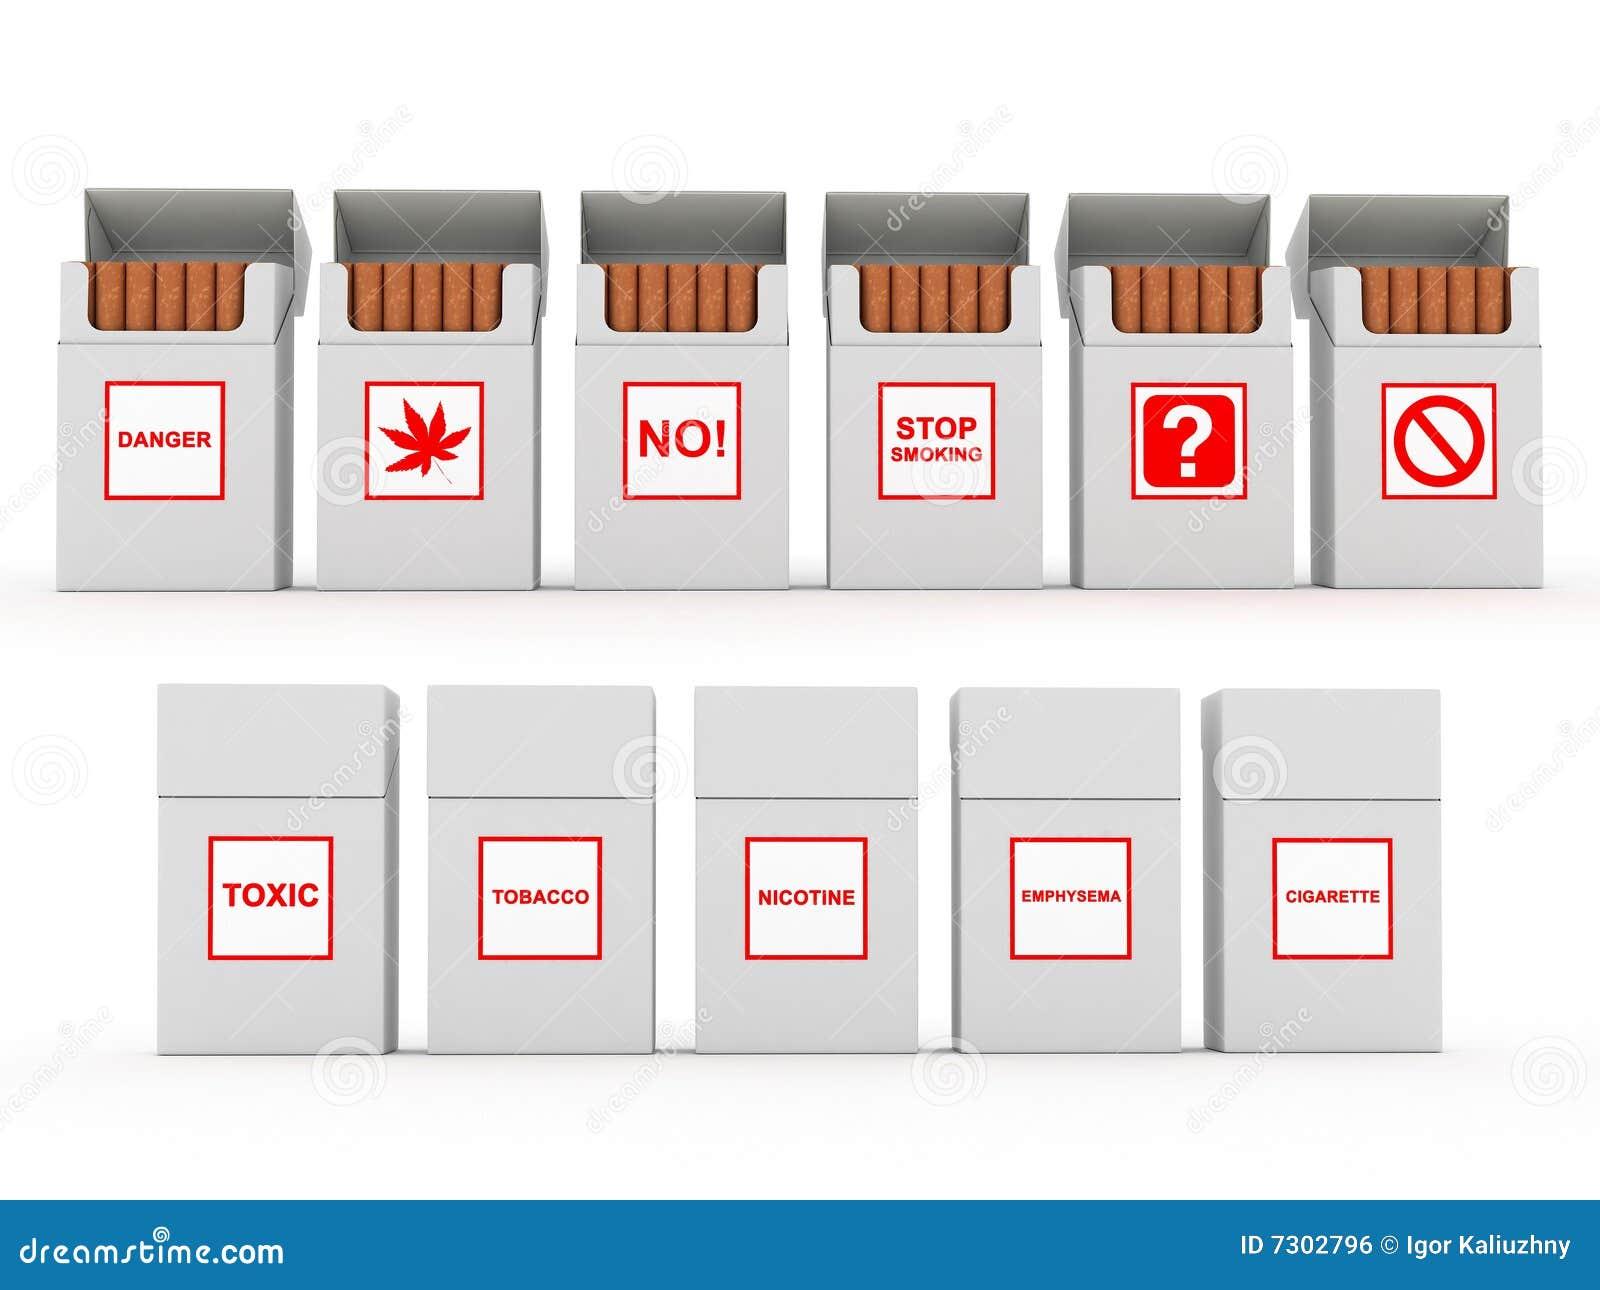 Apra il pacchetto delle sigarette